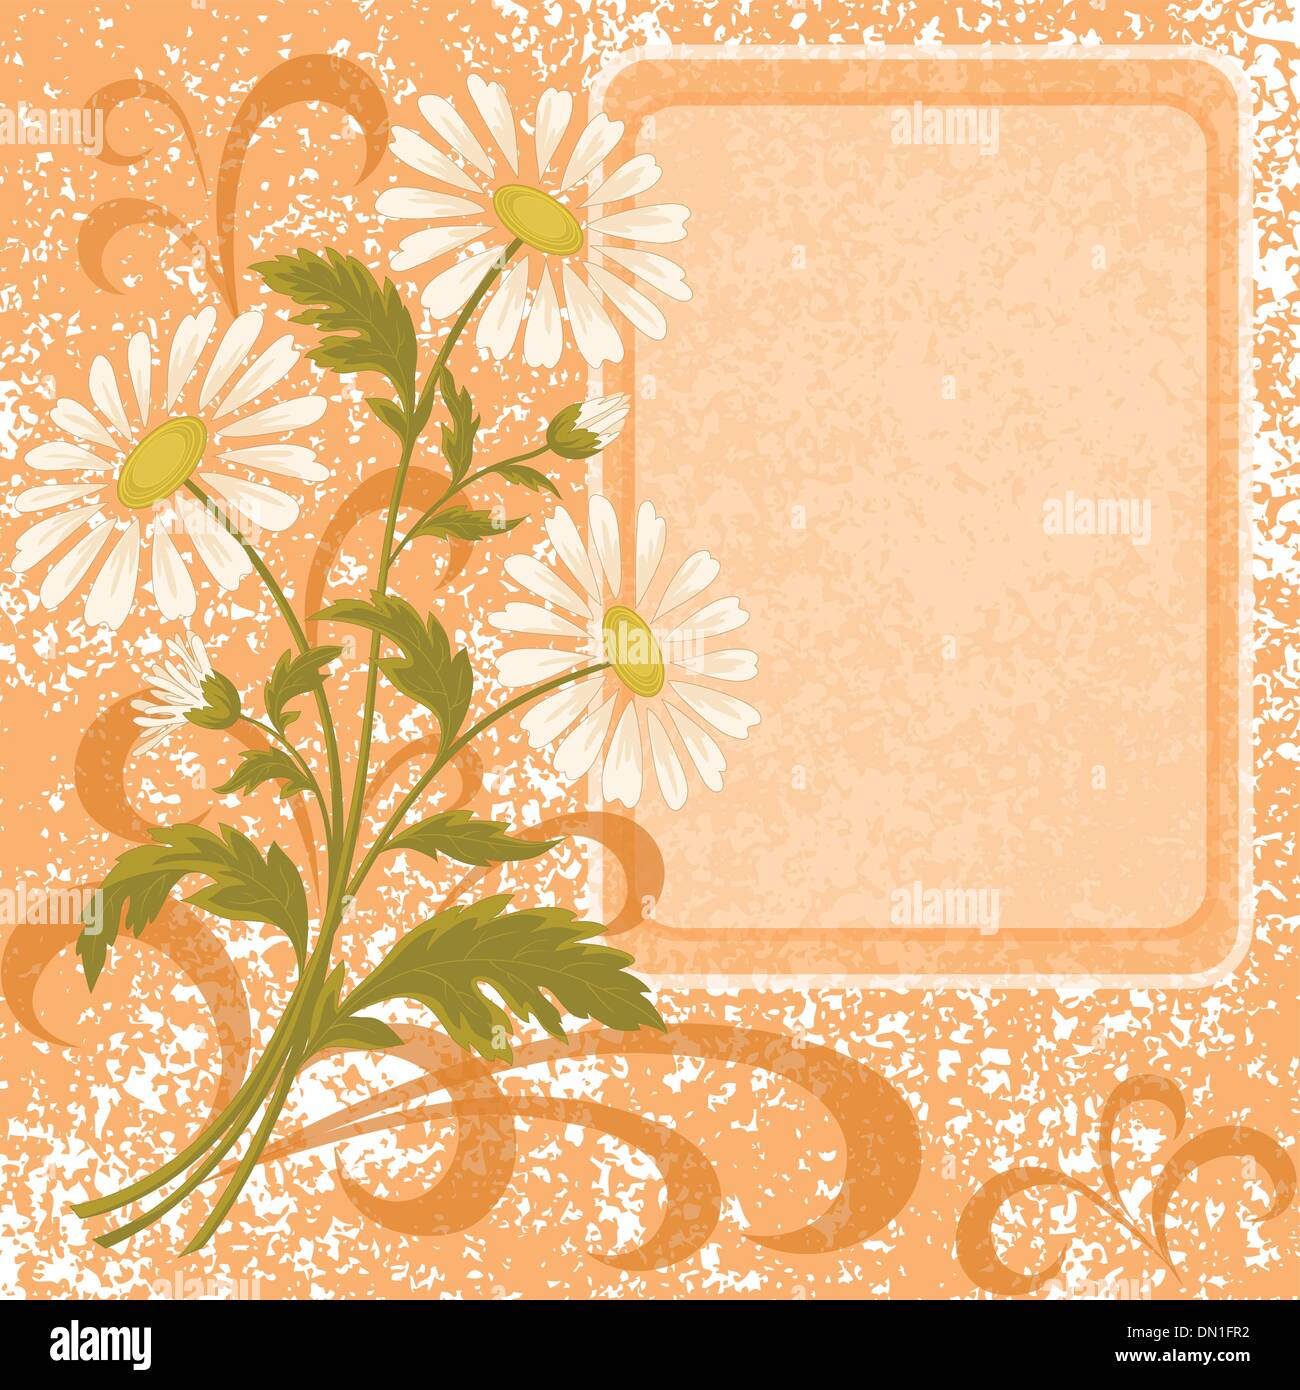 Blume-Urlaub-Hintergrund Stockbild